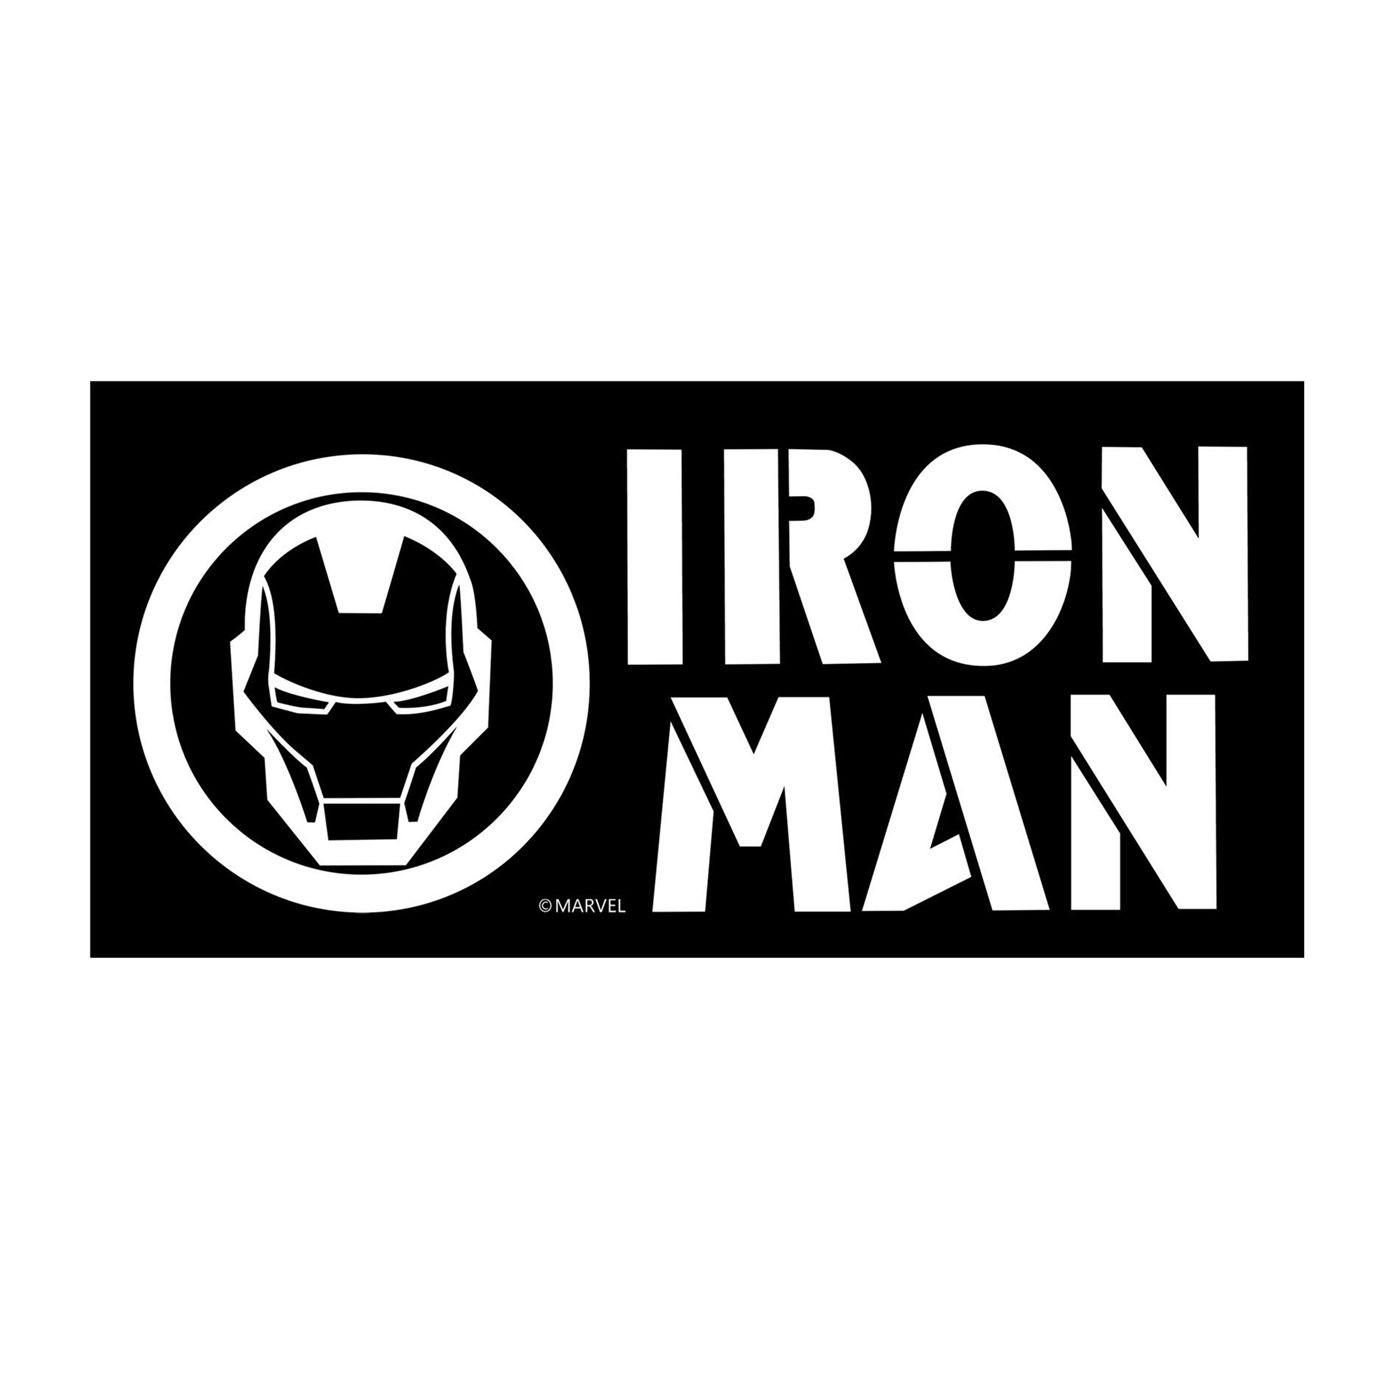 Iron Man Text & Symbol White Decal